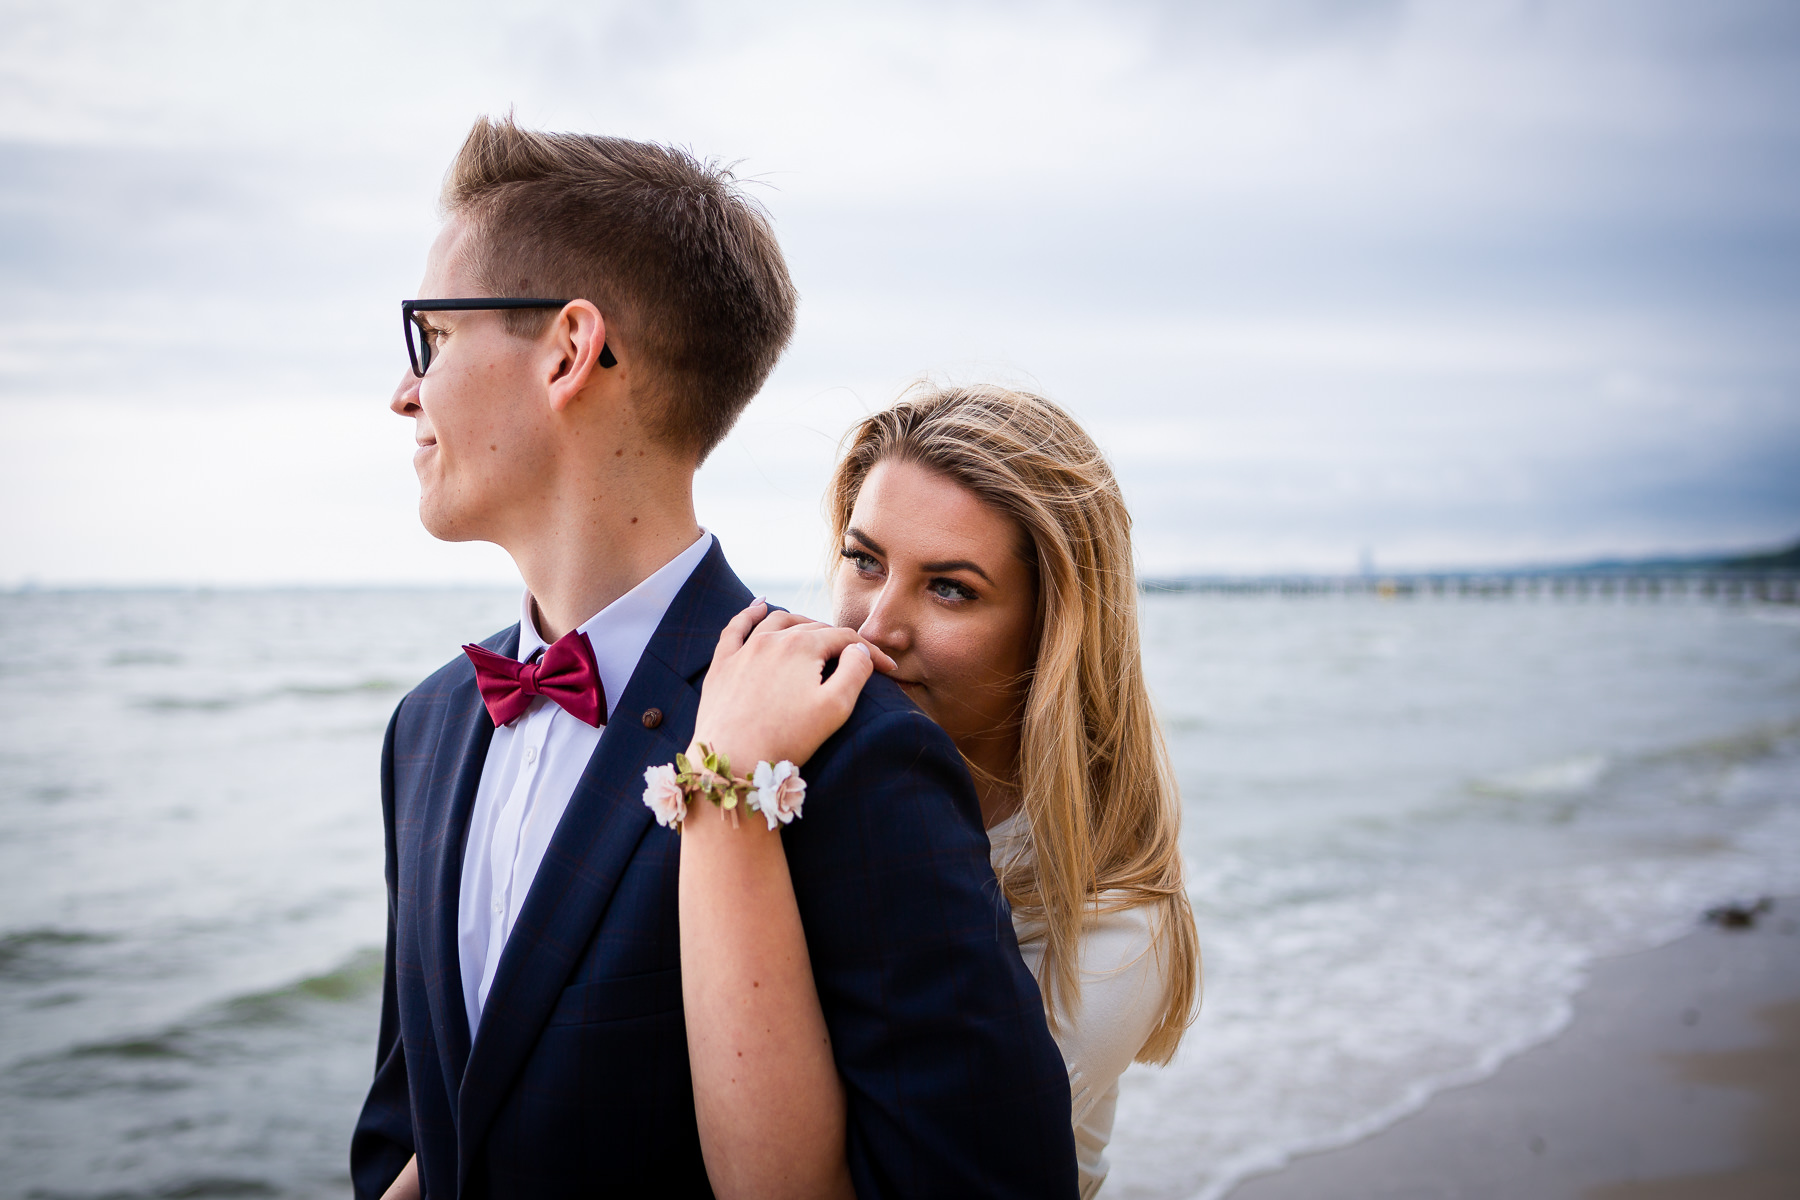 fotografia gdan�sk - s�lub - para młoda - wesele plaża - fotografia s�lubna - plener s�lubny gdynia orłowo.jpg